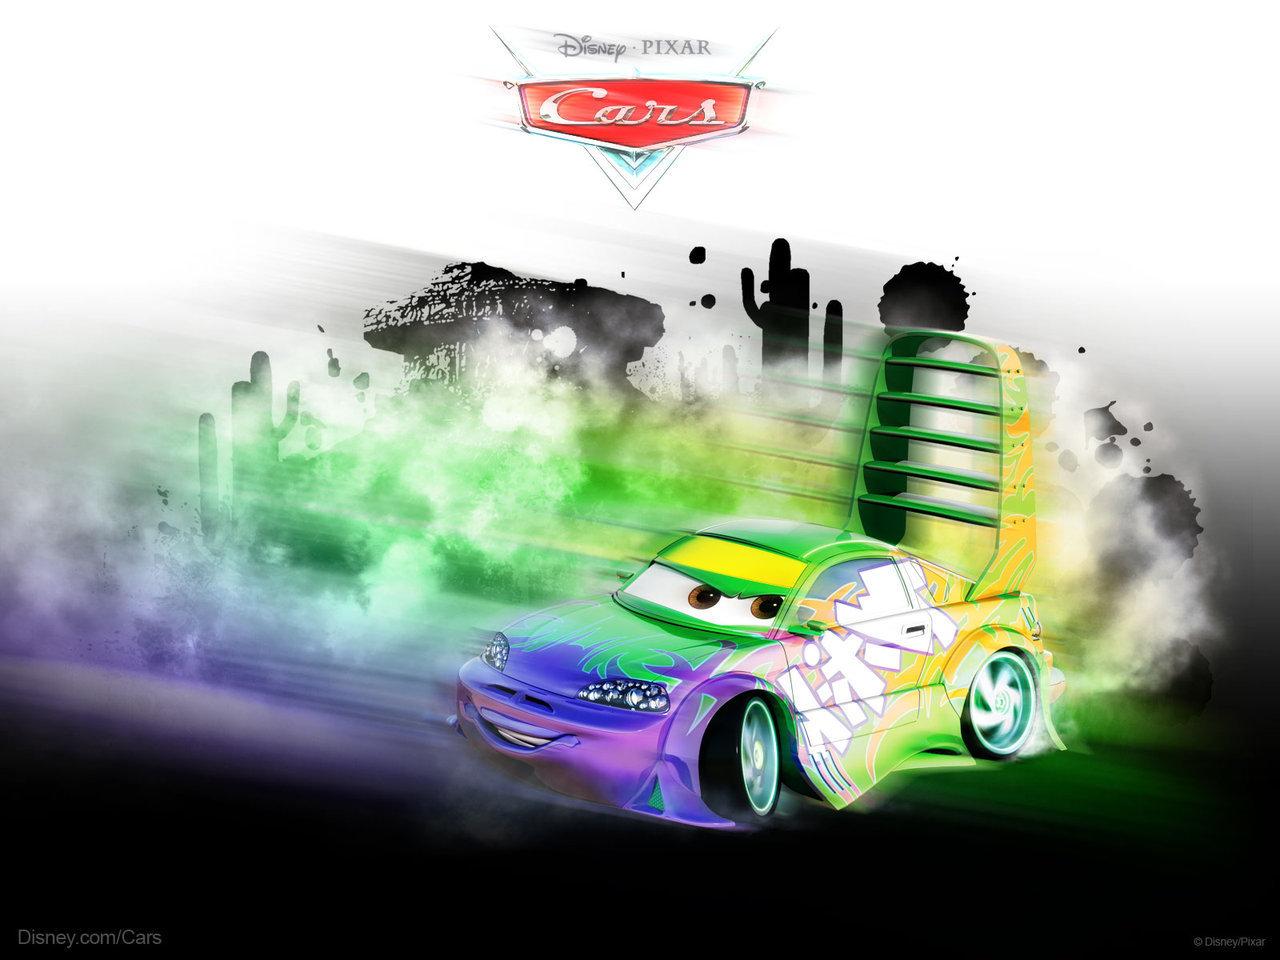 Disney Pixar Cars images Cars wallpaper photos 19322011 1280x960